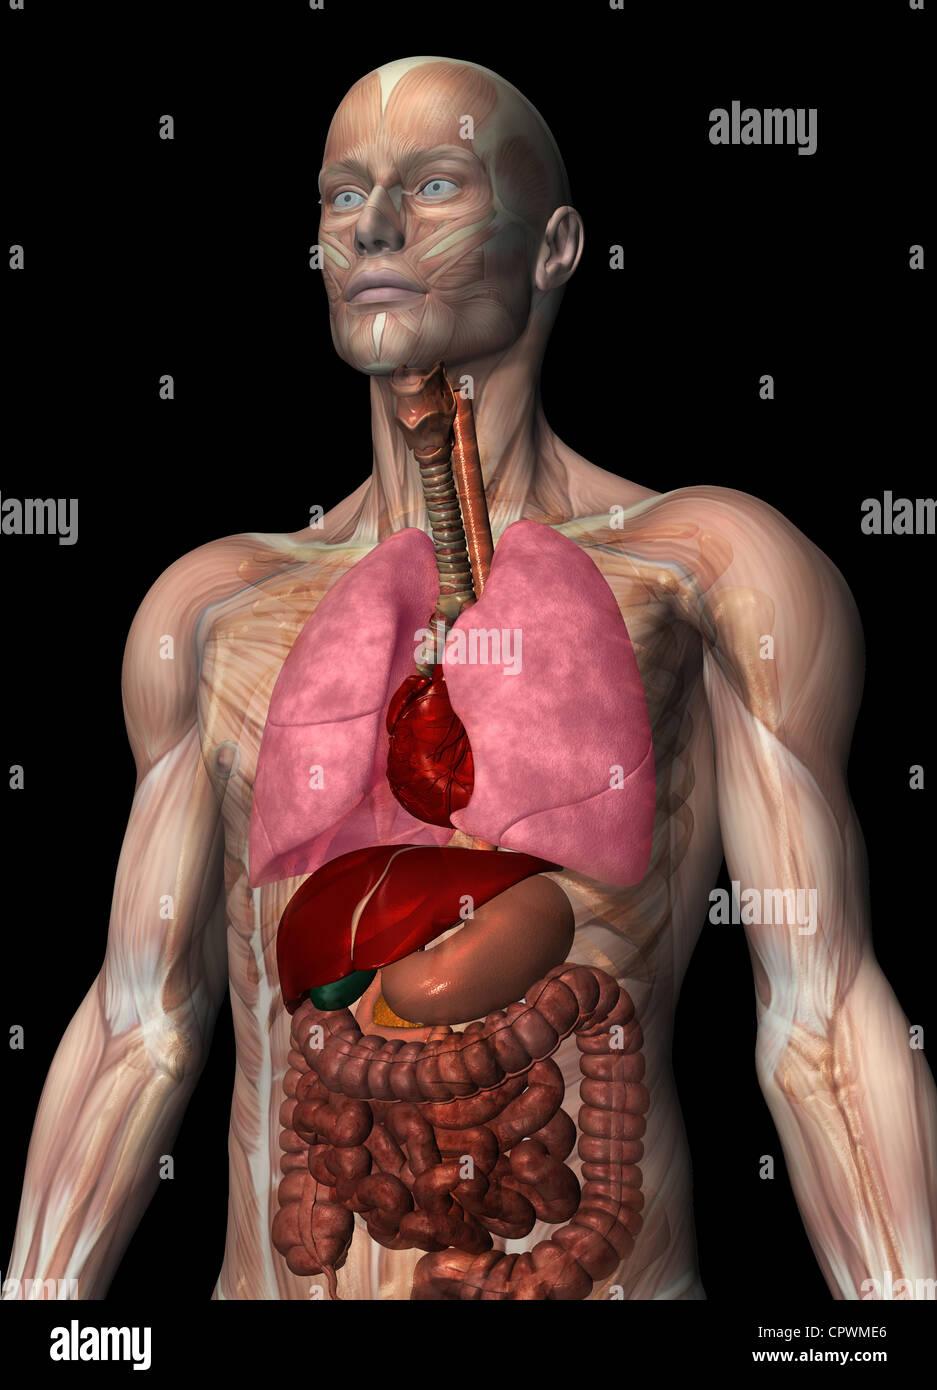 Anatomische Darstellung des menschlichen Körpers Stockfoto, Bild ...